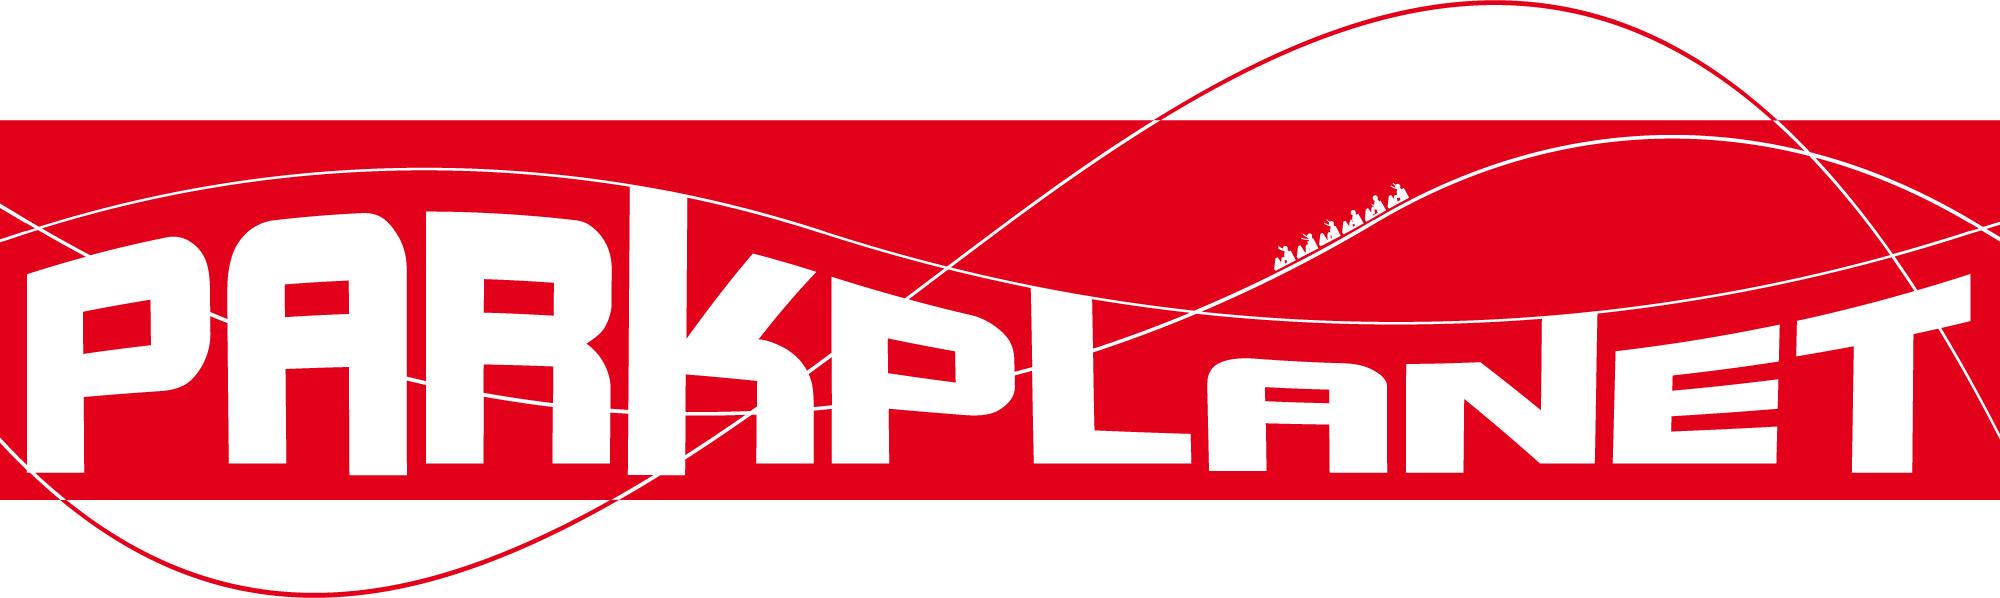 logo basis